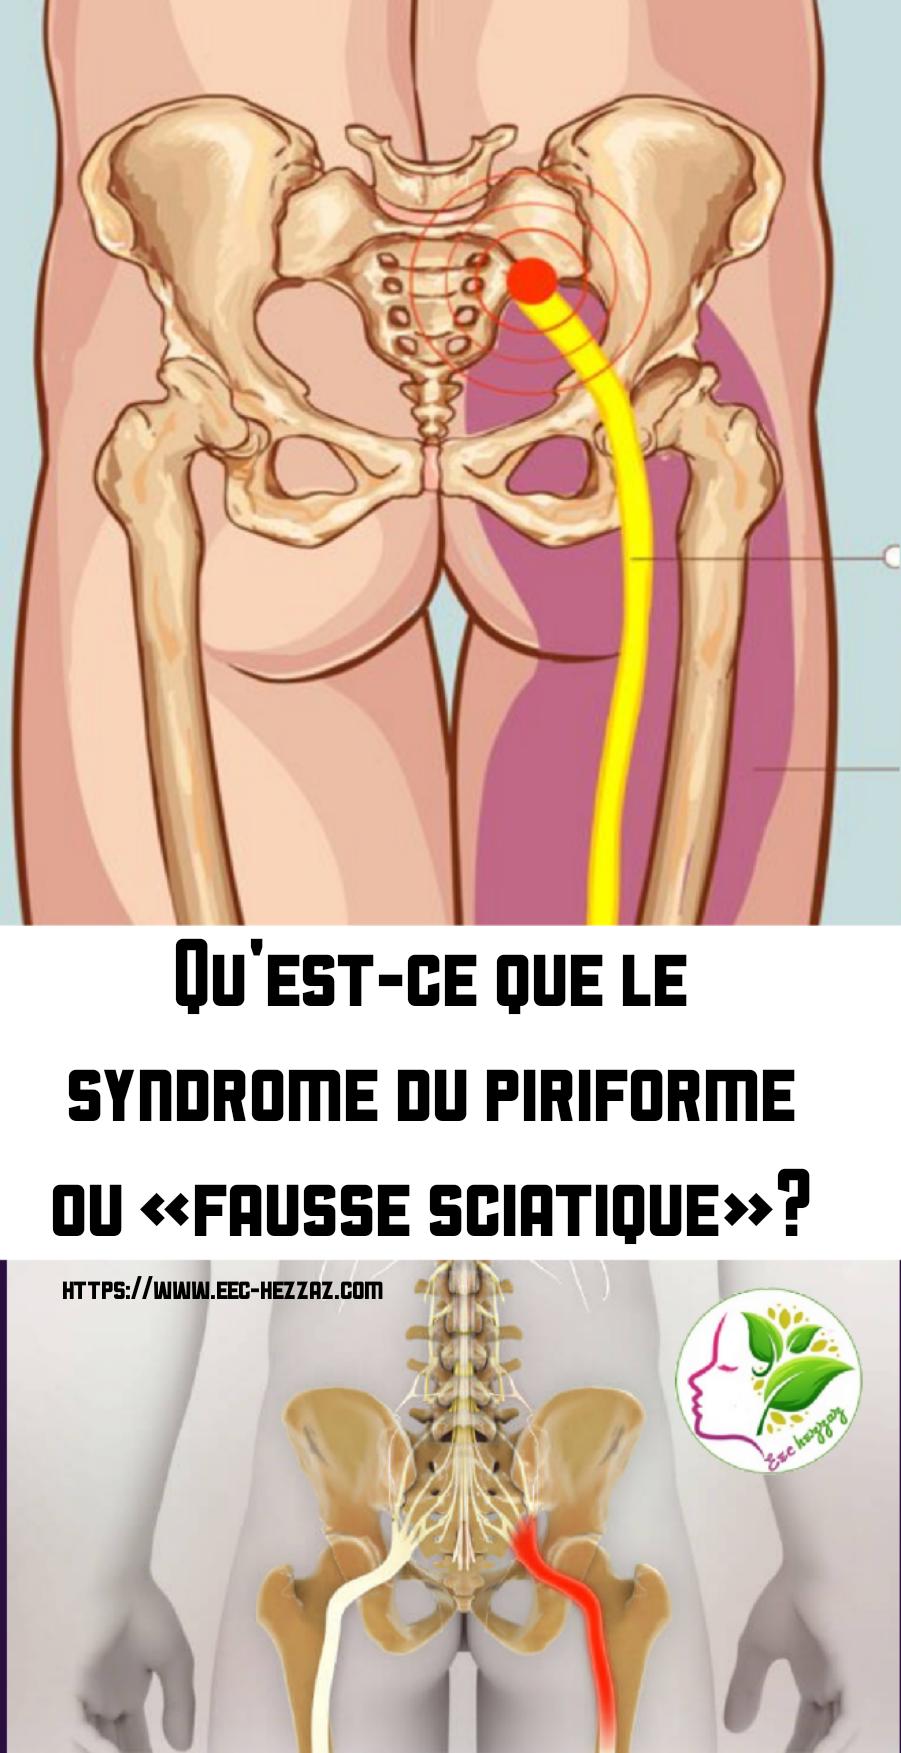 Qu'est-ce que le syndrome du piriforme ou «fausse sciatique»?